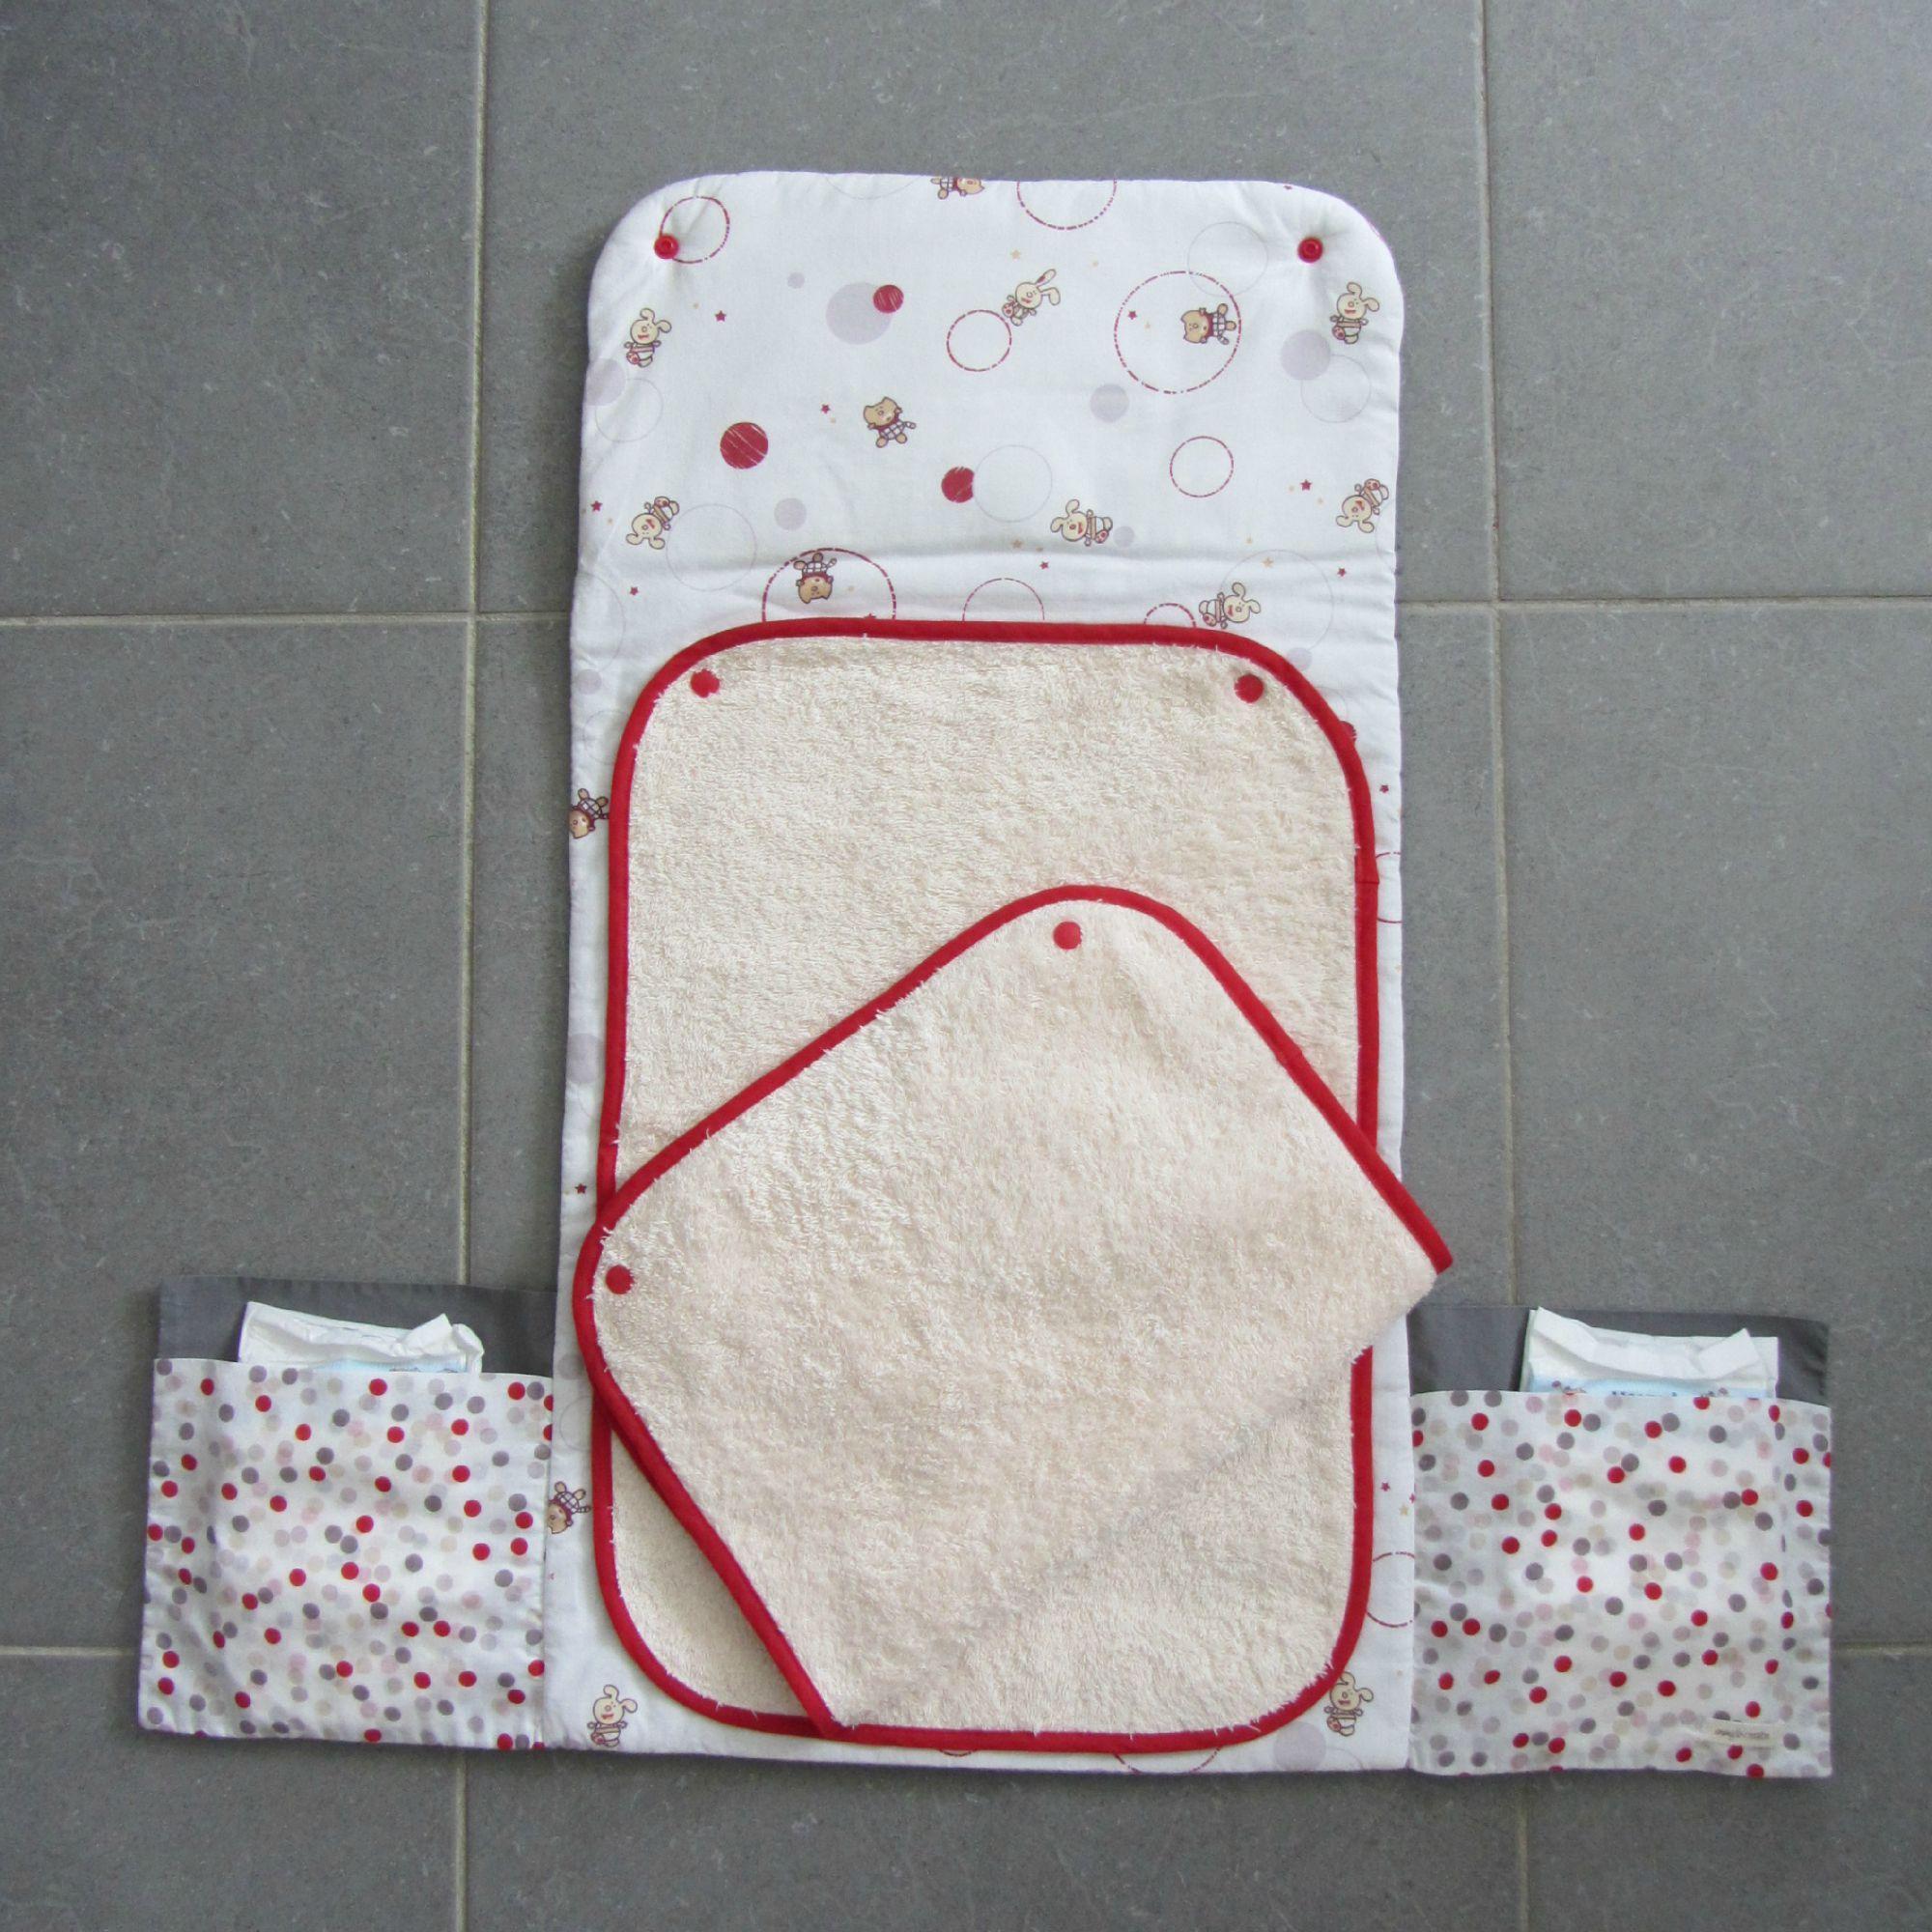 tapis langer nomade pour mes jolis m mes para beb s pinterest bebe costura y ropa bebe. Black Bedroom Furniture Sets. Home Design Ideas